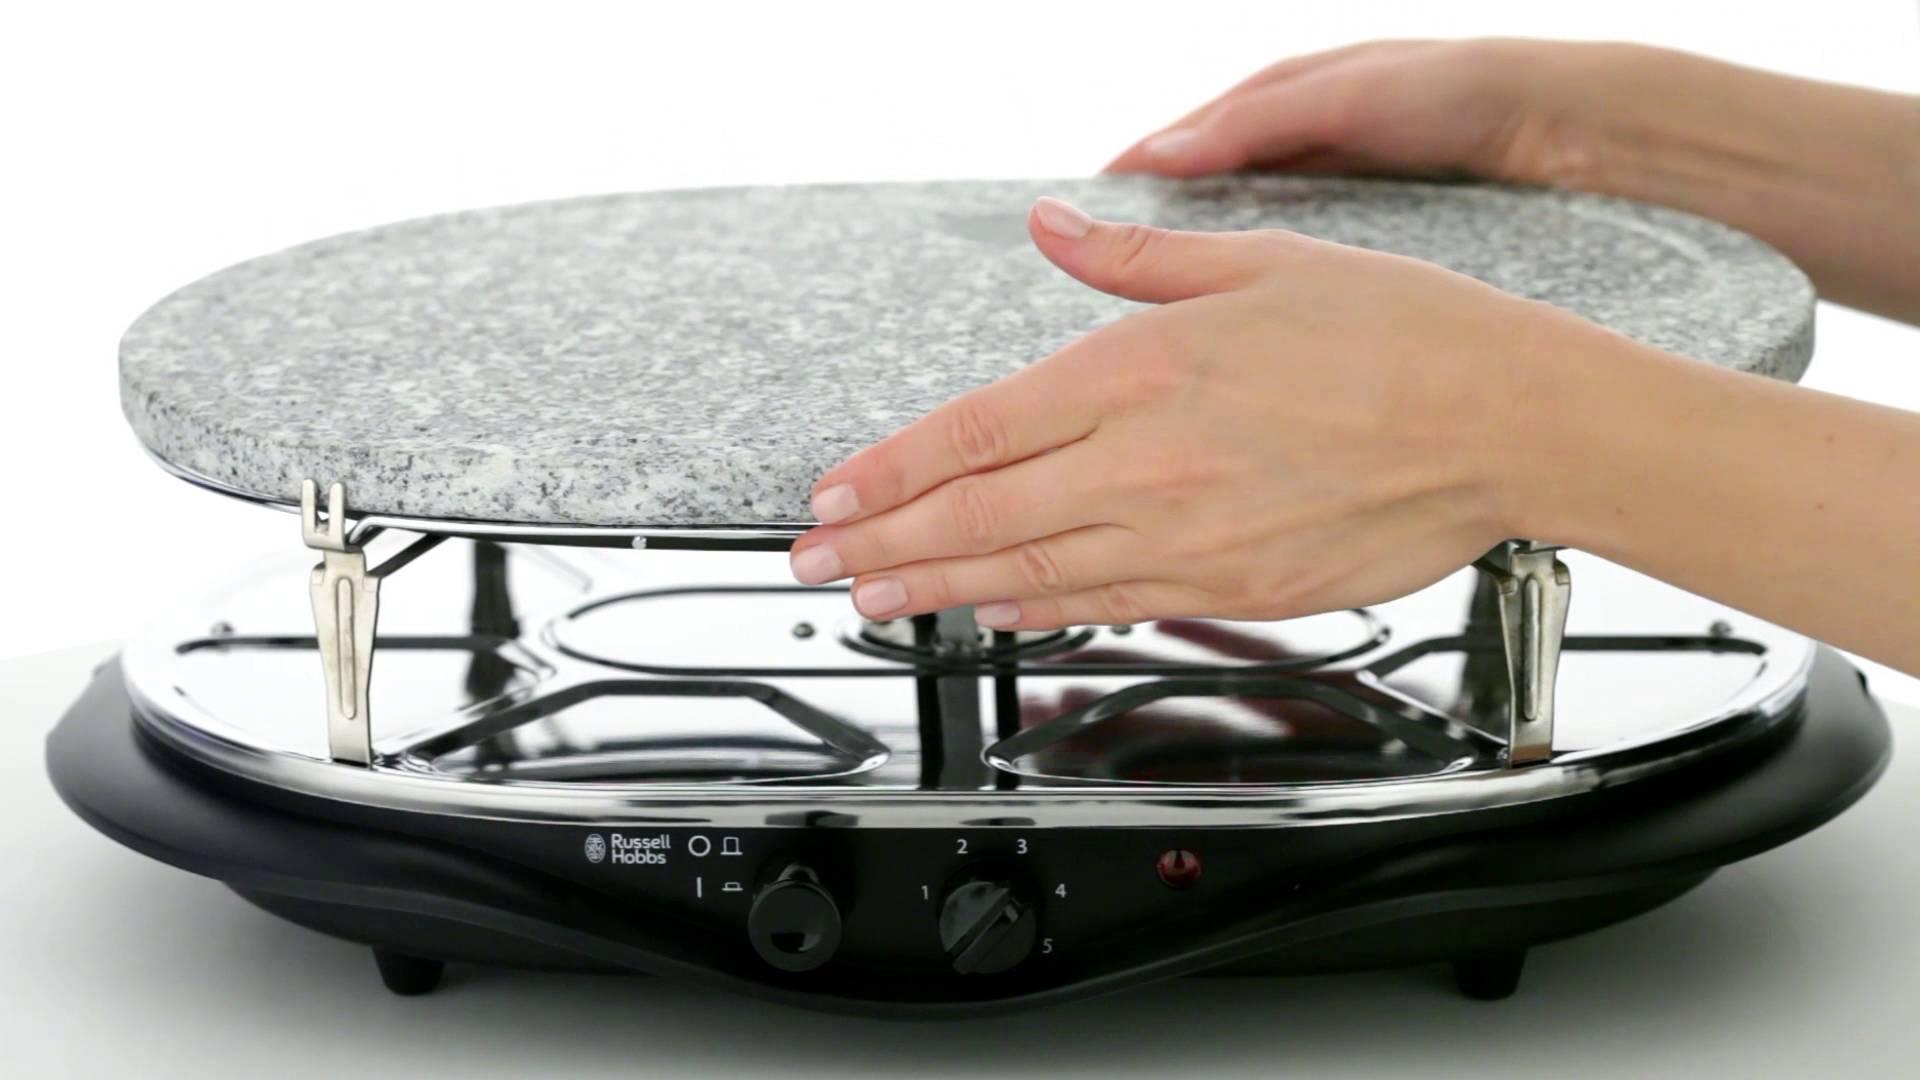 Домашний электрогриль_детальный анализ всех за и против - Russell Hobbs 21000-56 Fiesta Raclette